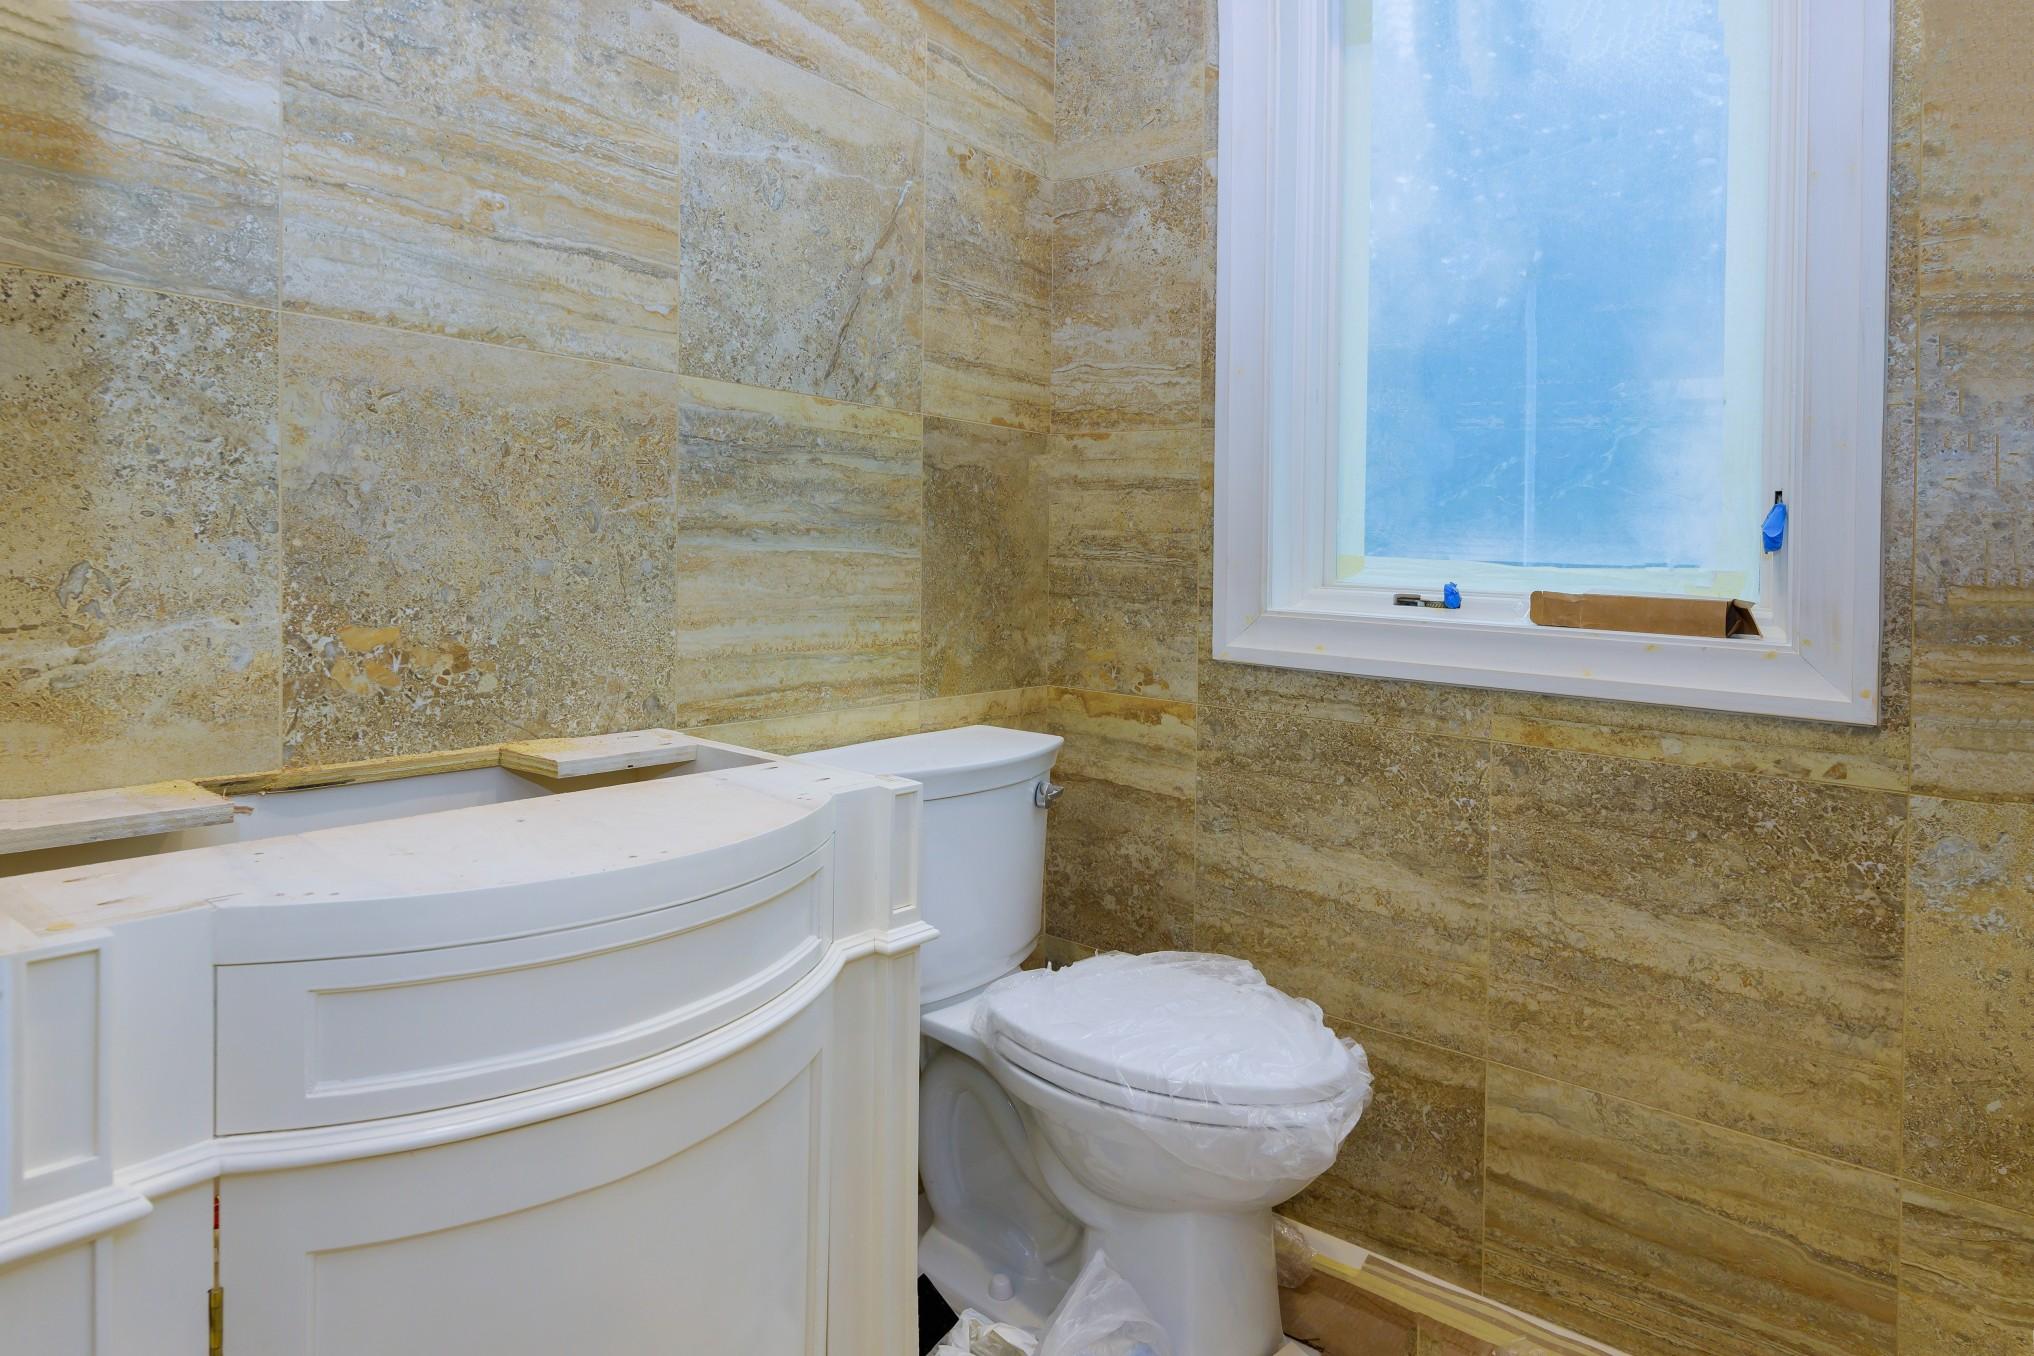 Mit einem Modernisierungskredit kann auch das Bad neu gestylt werden. Foto photovs via Twenty20